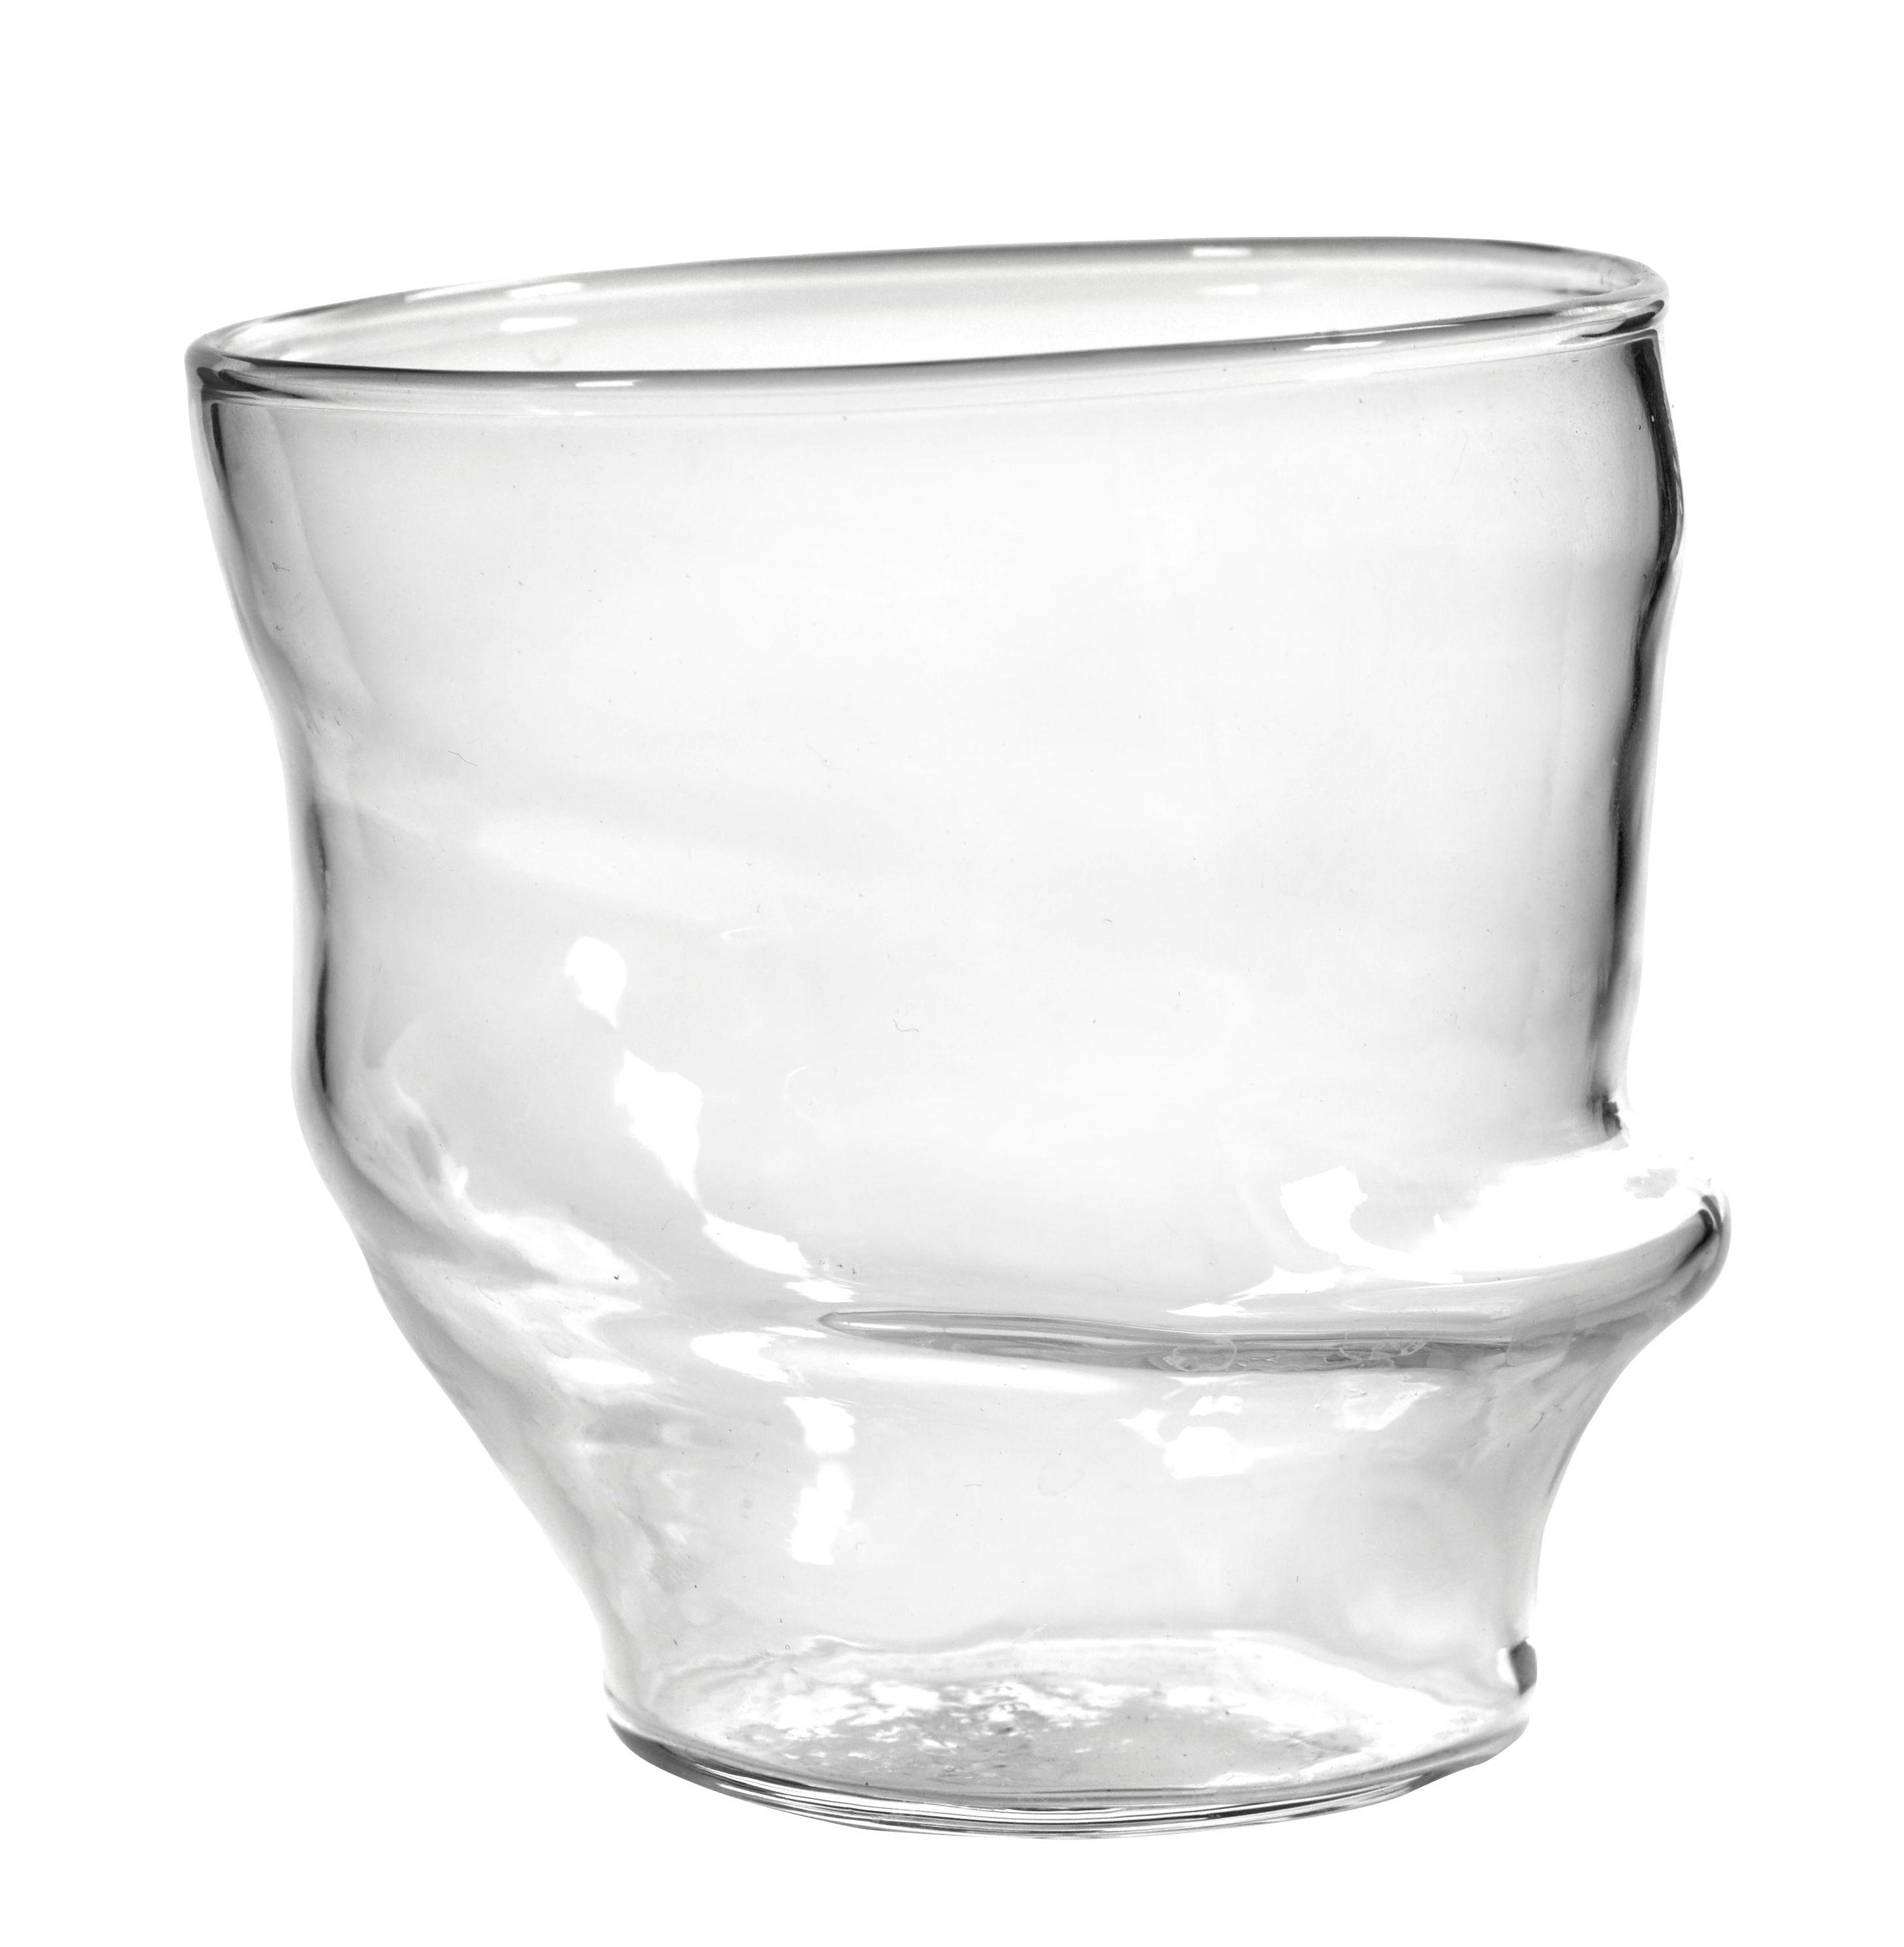 Arts de la table - Verres  - Verre Roos / Ø 8,5 cm - Serax - Transparent - Verre